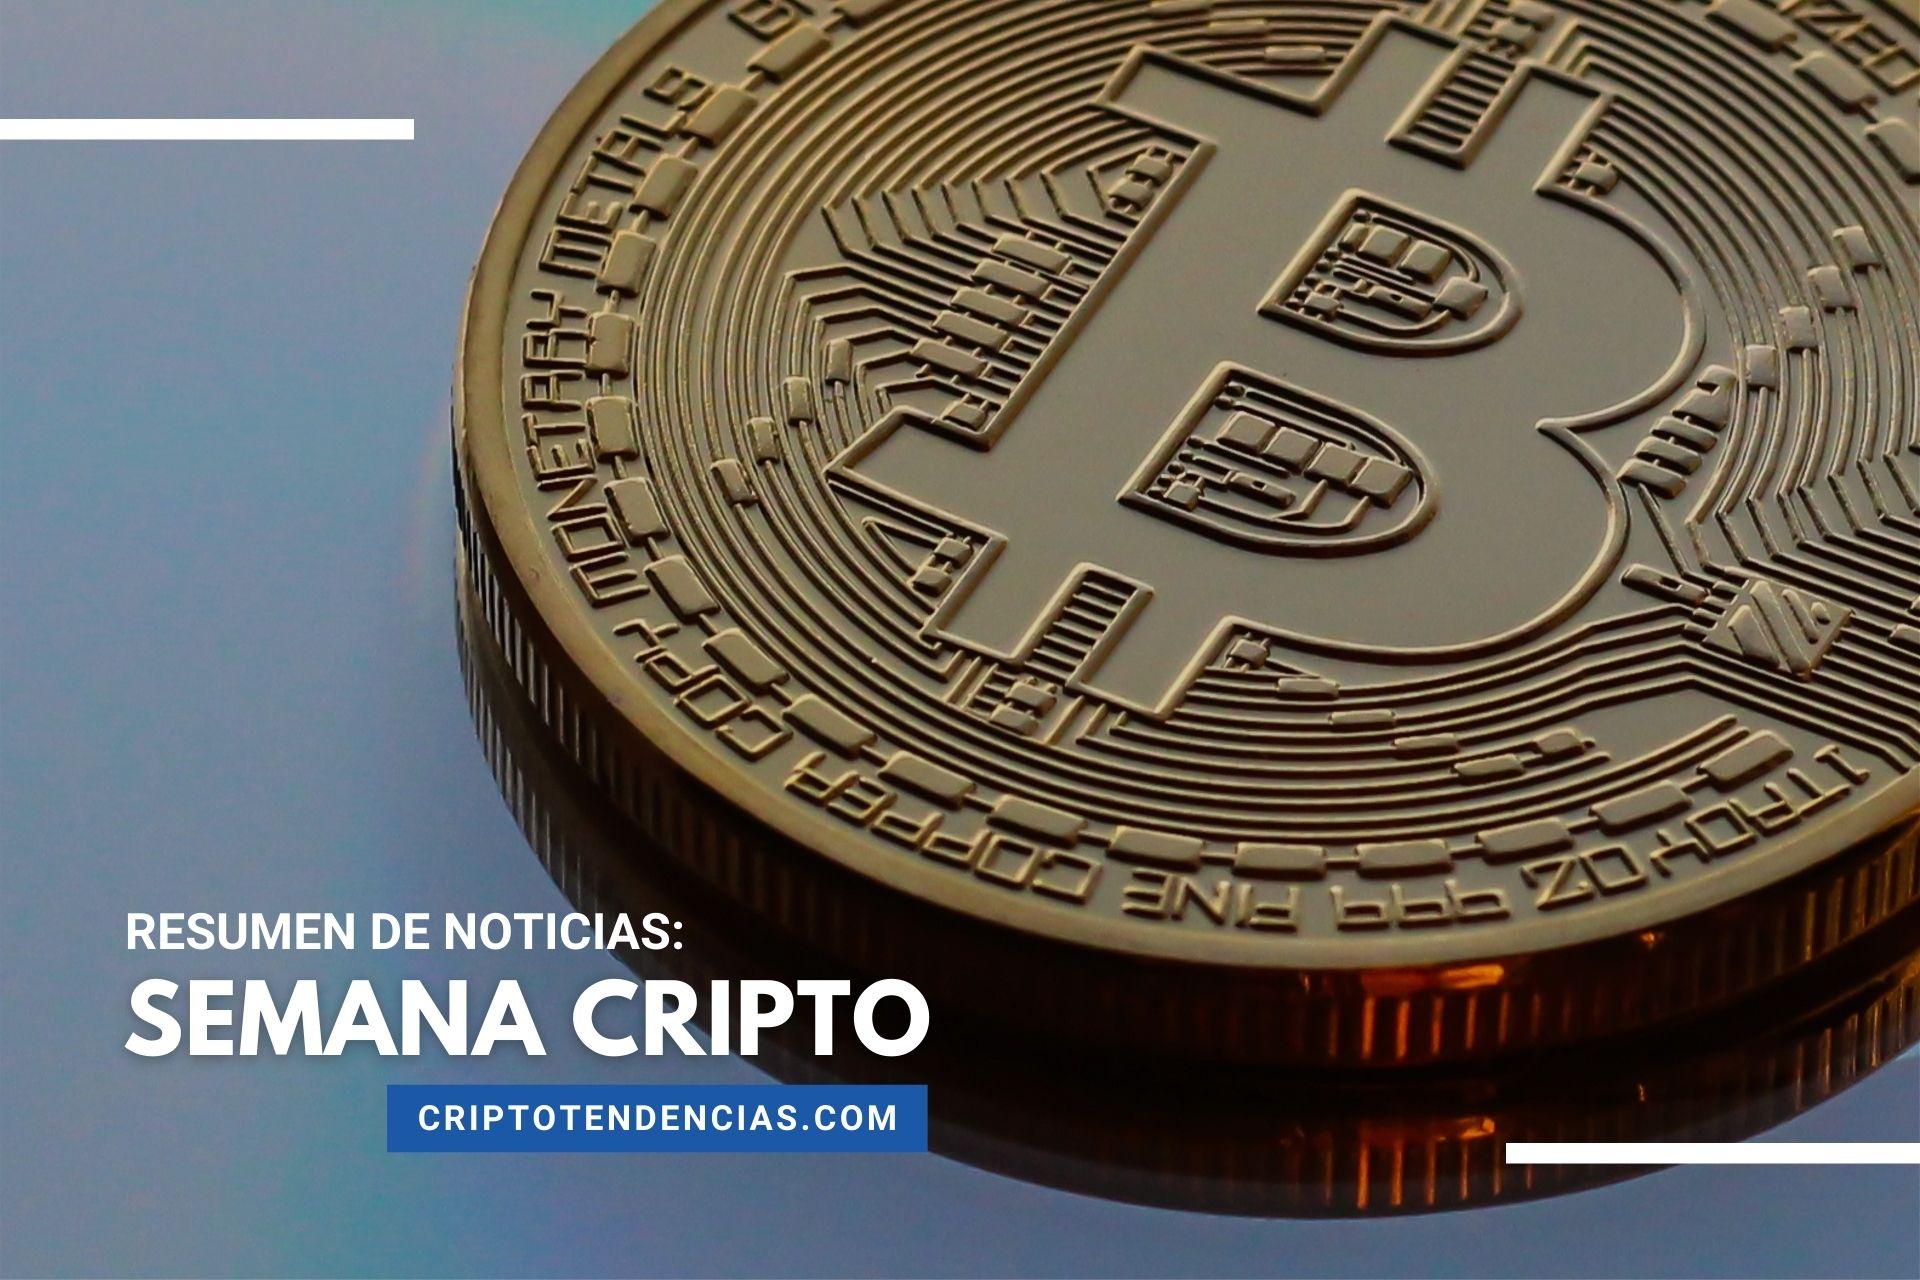 Semana Cripto: noticias durante los últimos días de Bitcoin y las criptomonedas